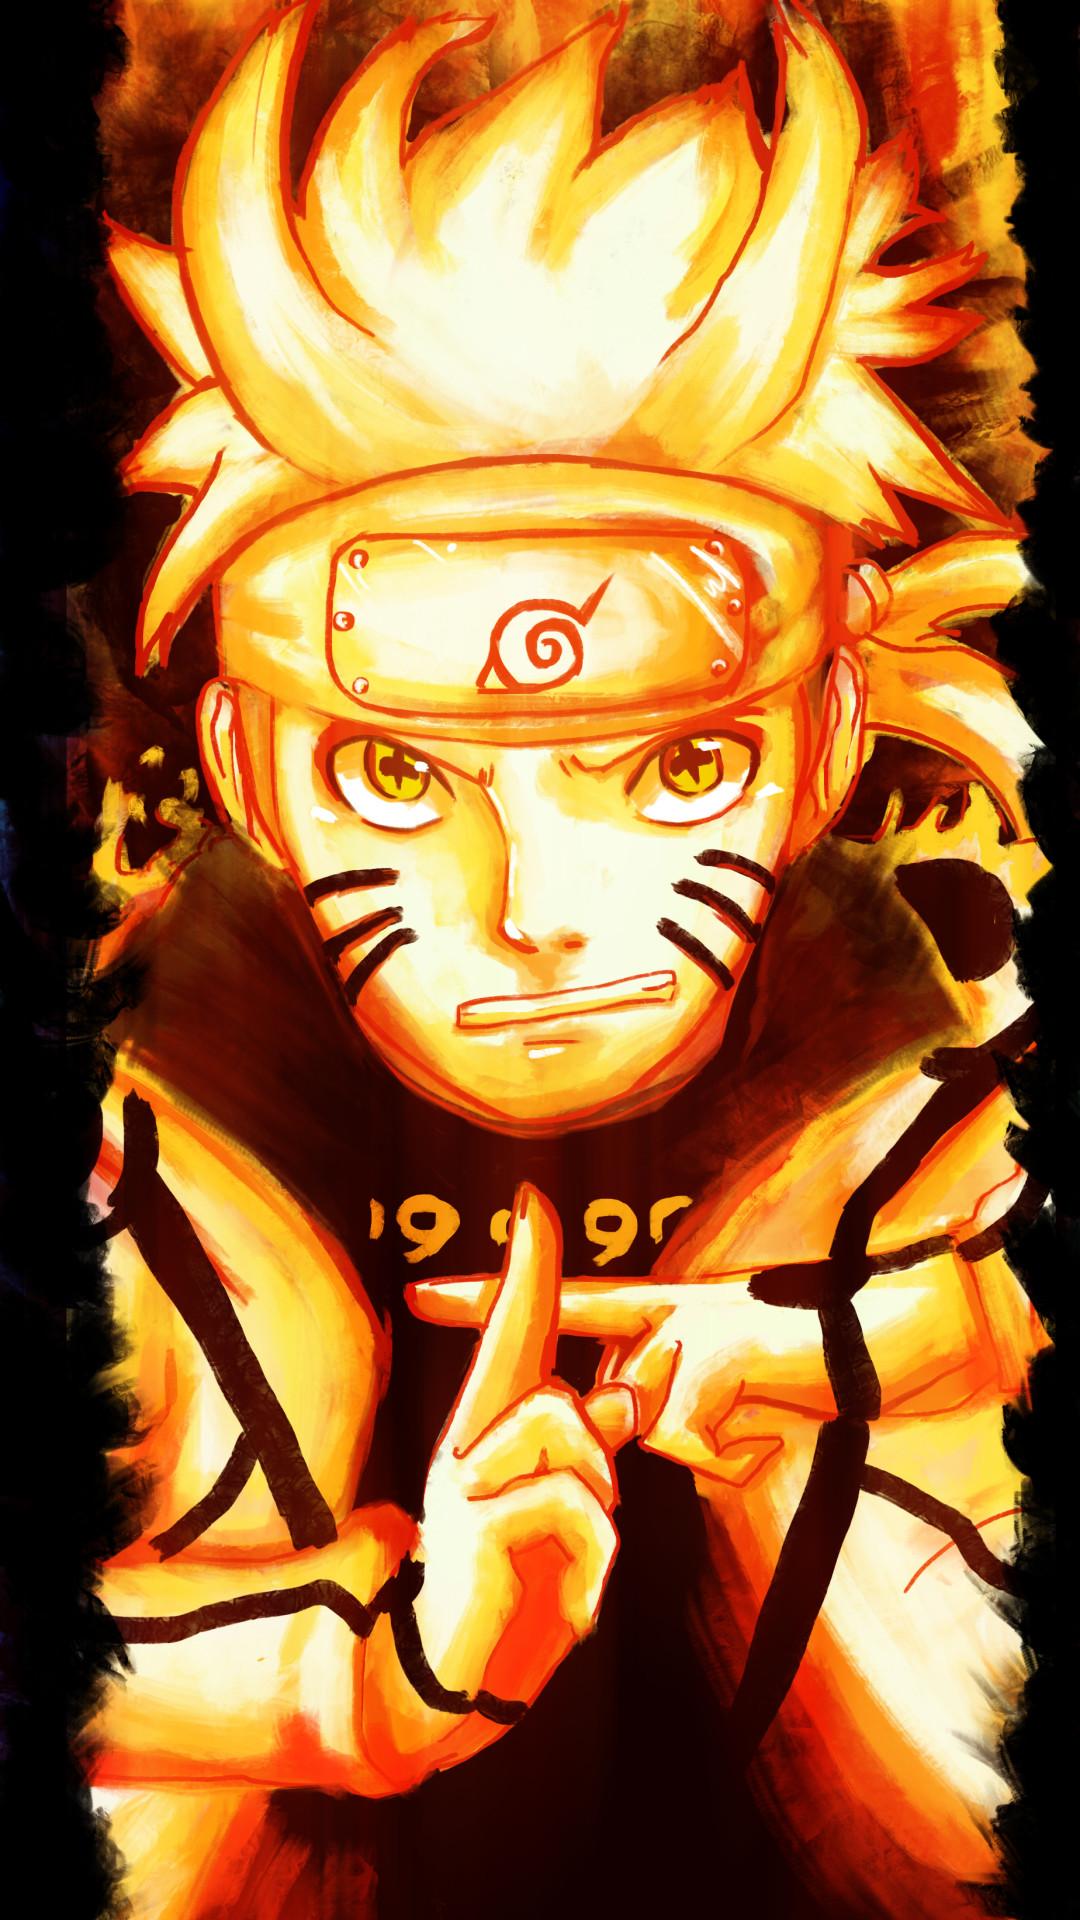 Naruto Wallpapers Top Free Naruto Wallpaper Download Hd